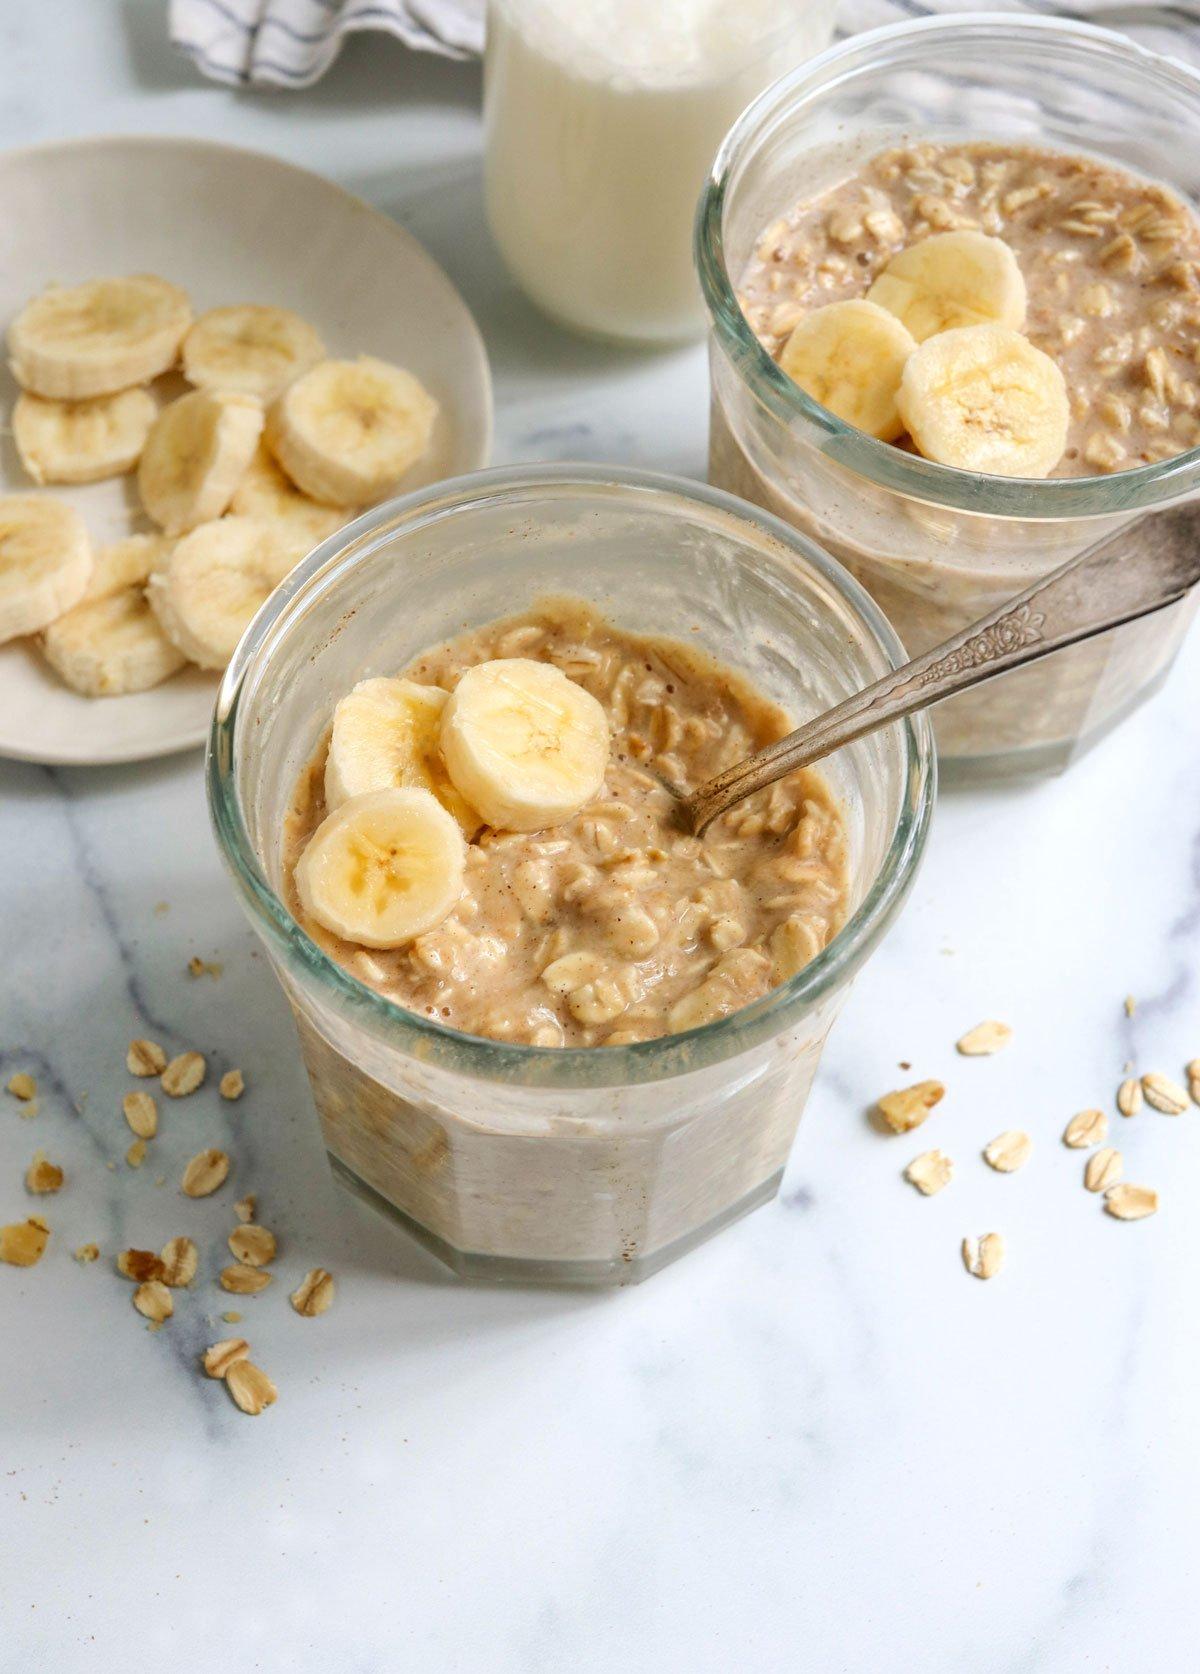 banana overnight oats in 2 jars